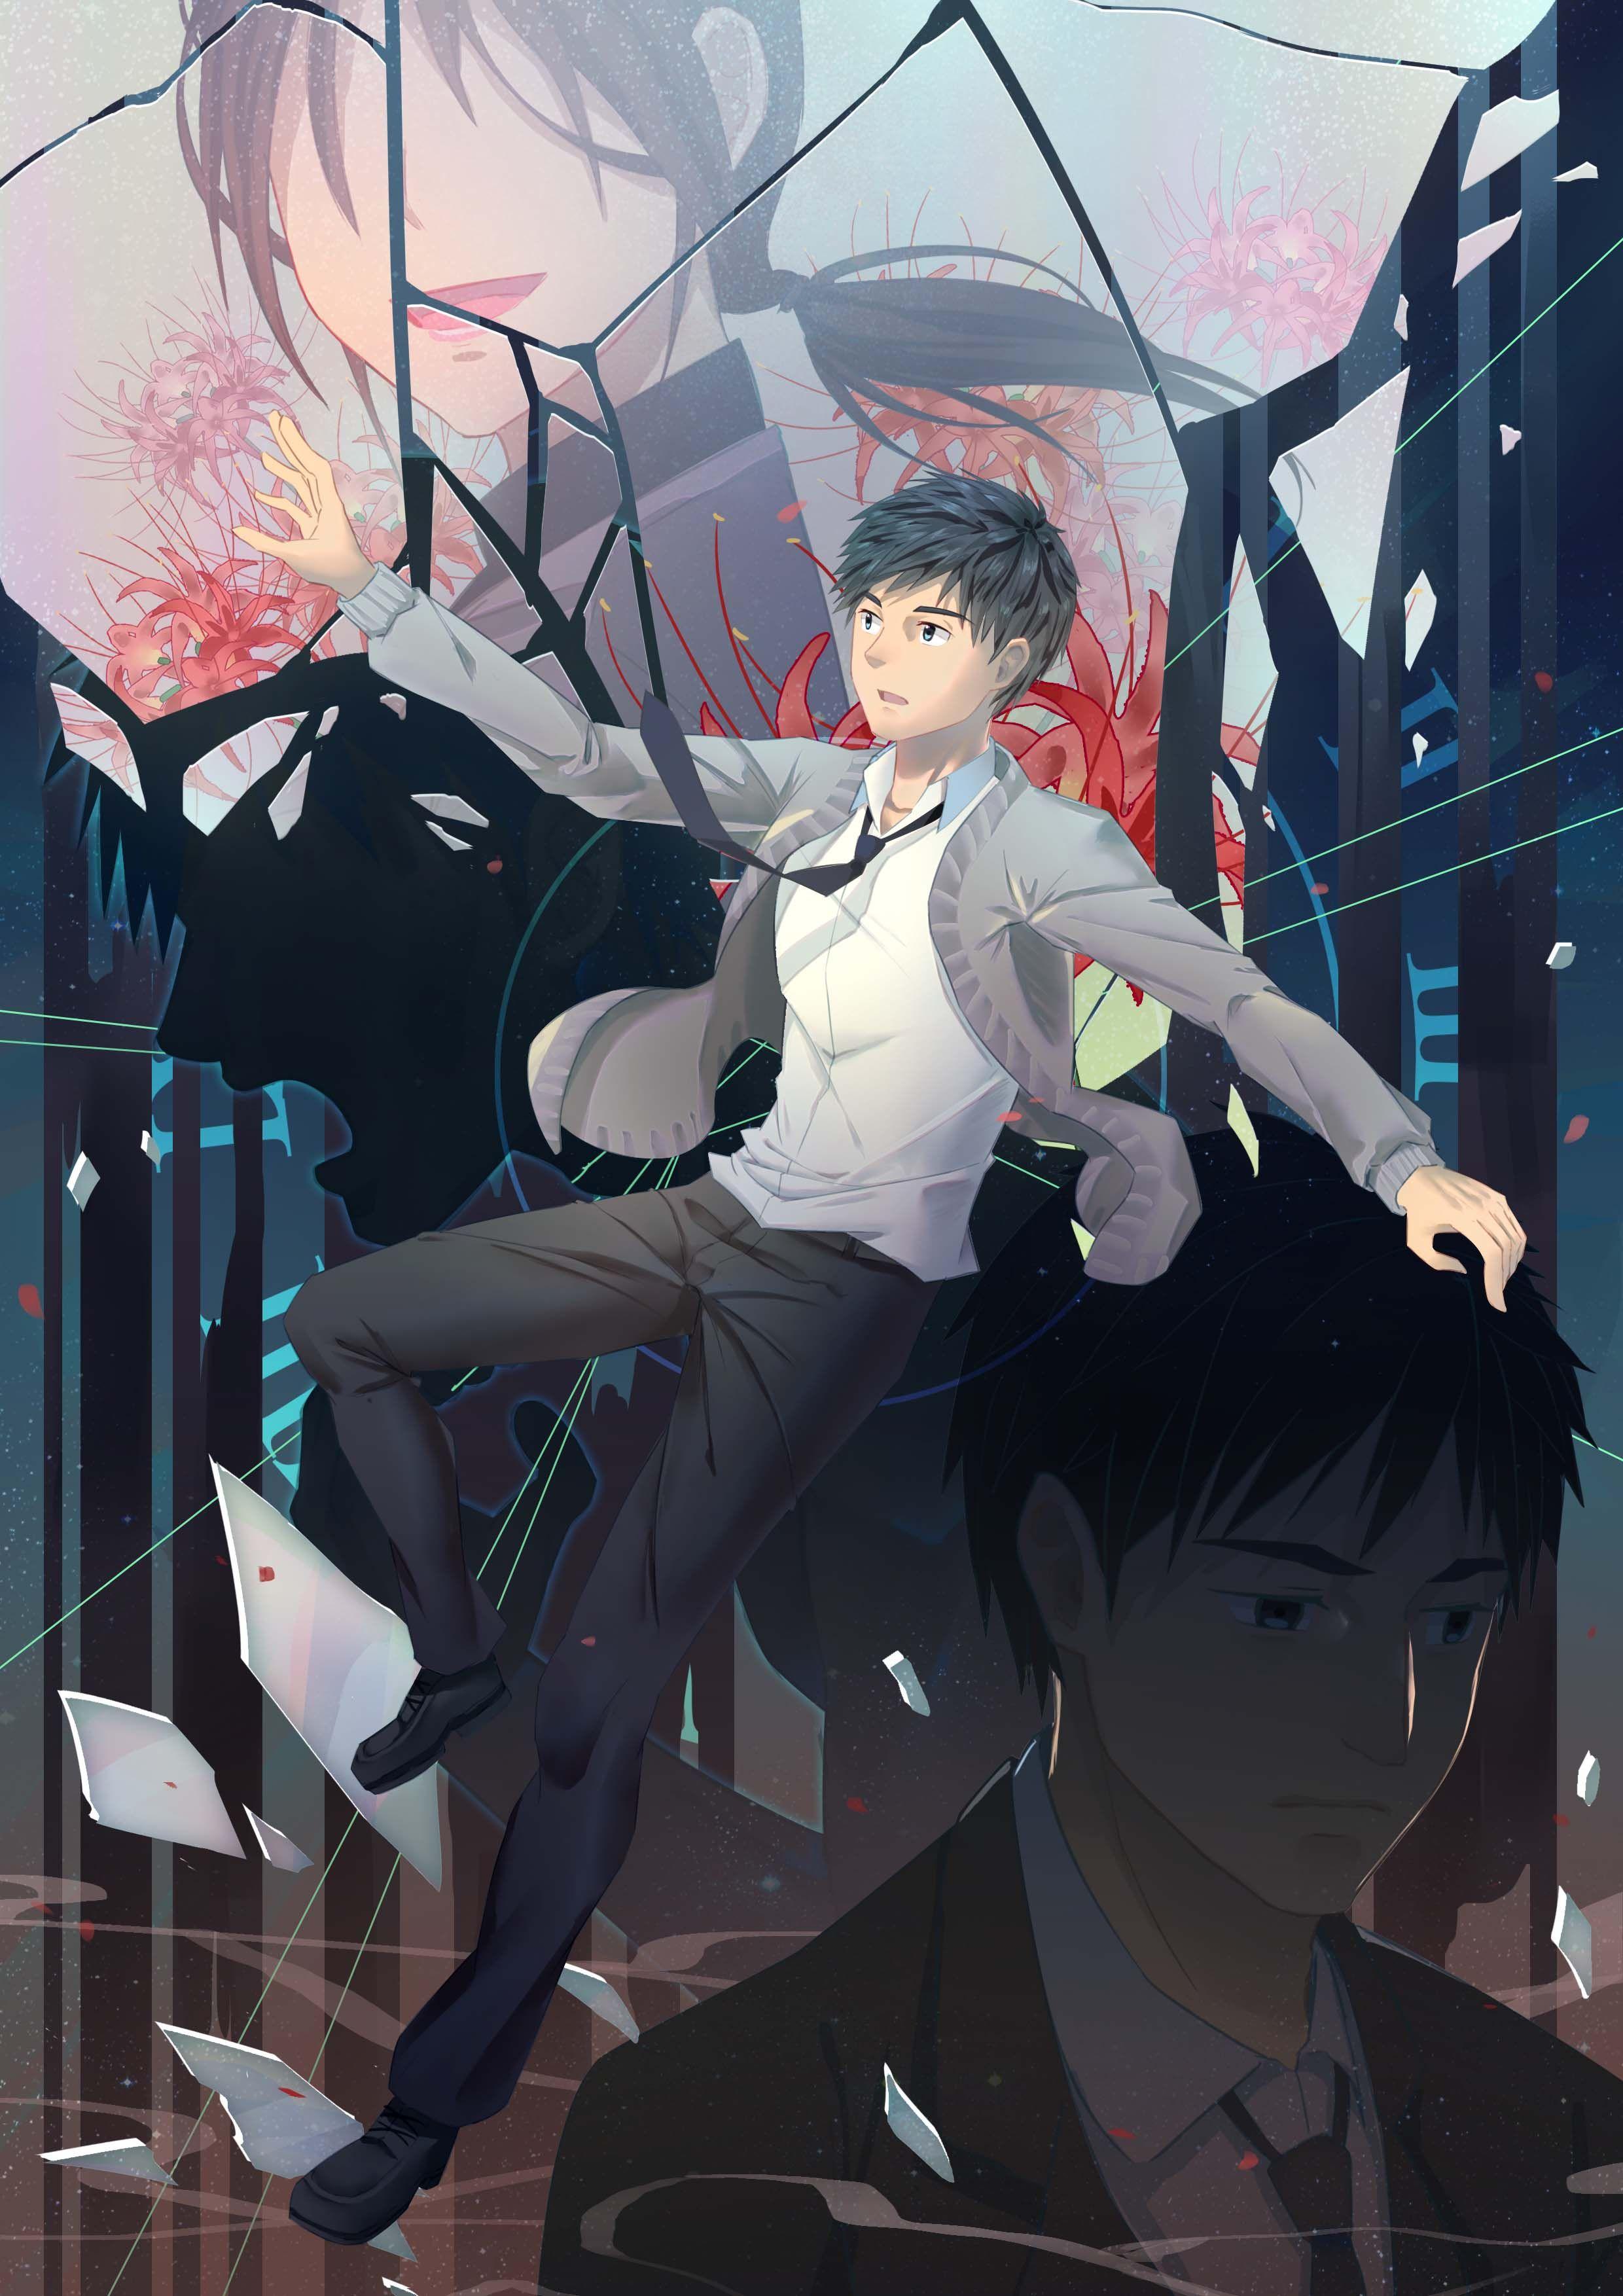 同人作品Relife (2016/2月) Anime, Art, Manga